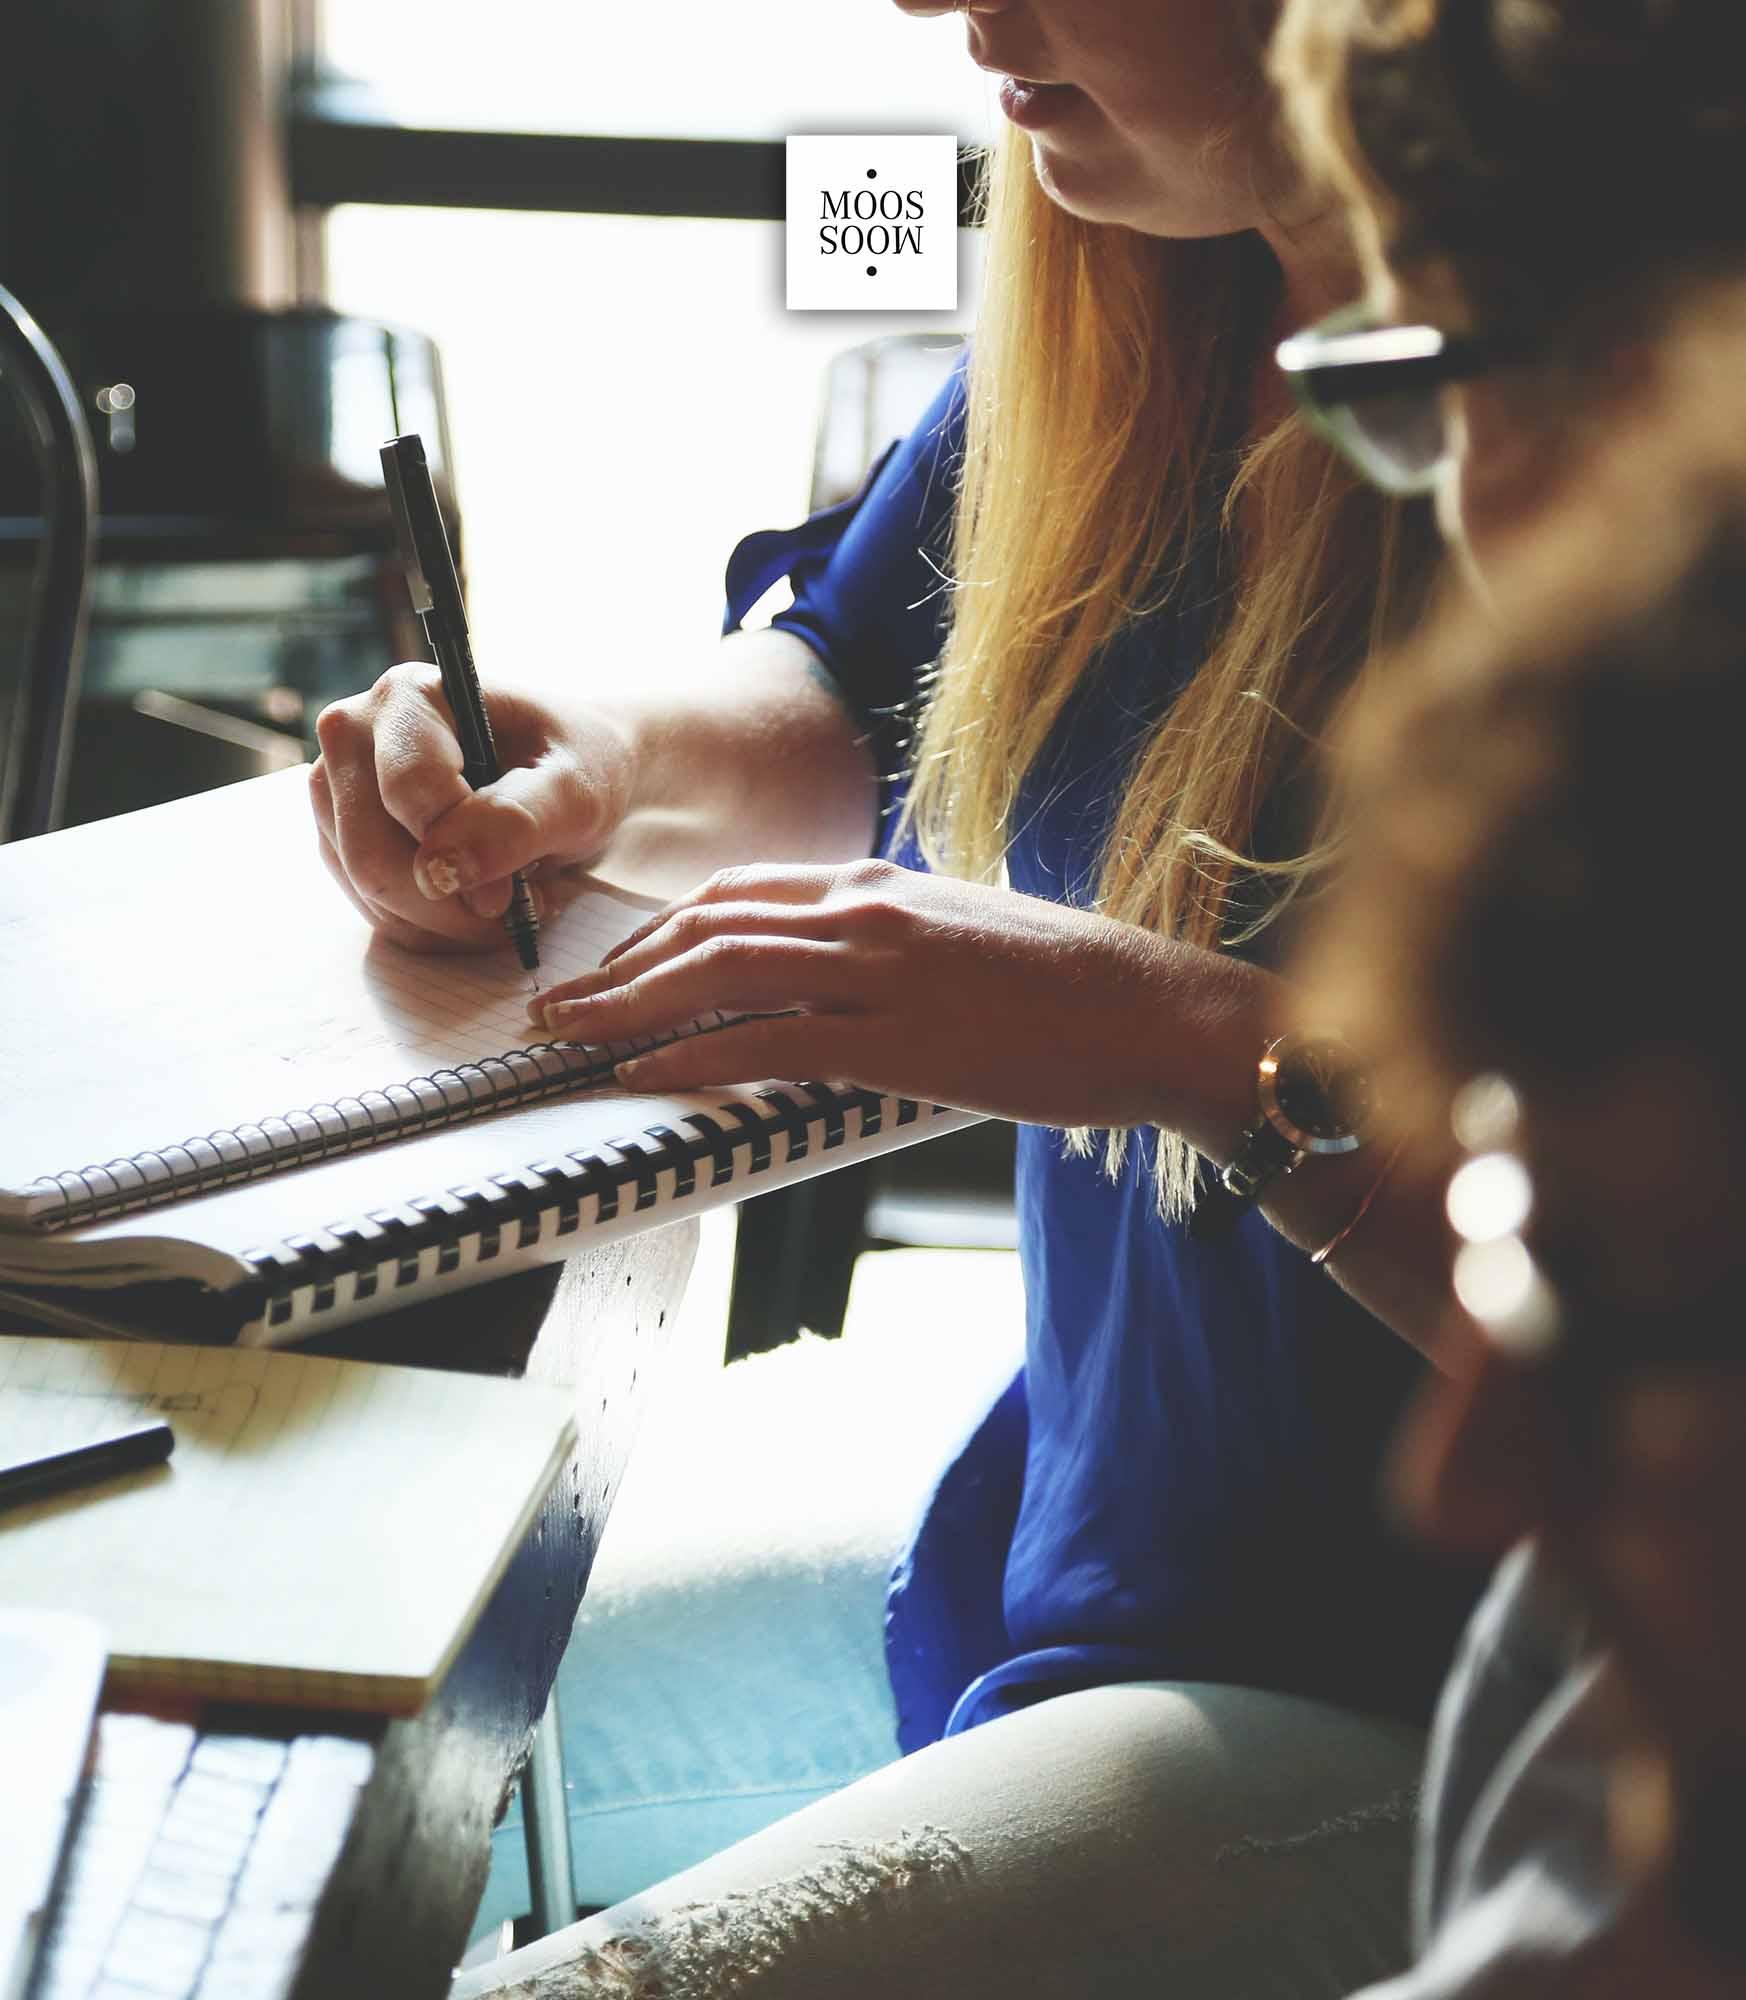 junge, blonde Frau macht sich auf einem Blatt kreative Notizen